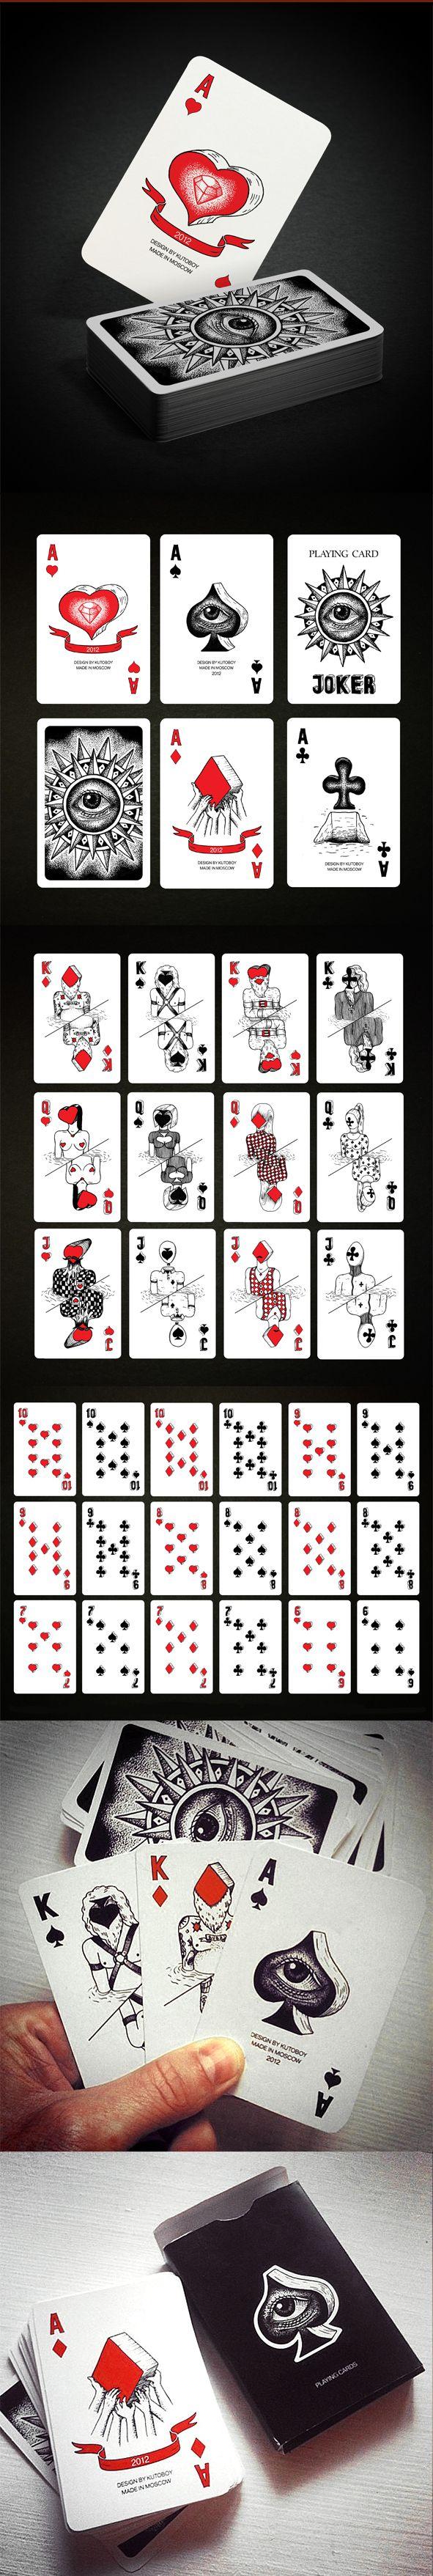 Игральные карты Иллюстрация © Илья Кутовой